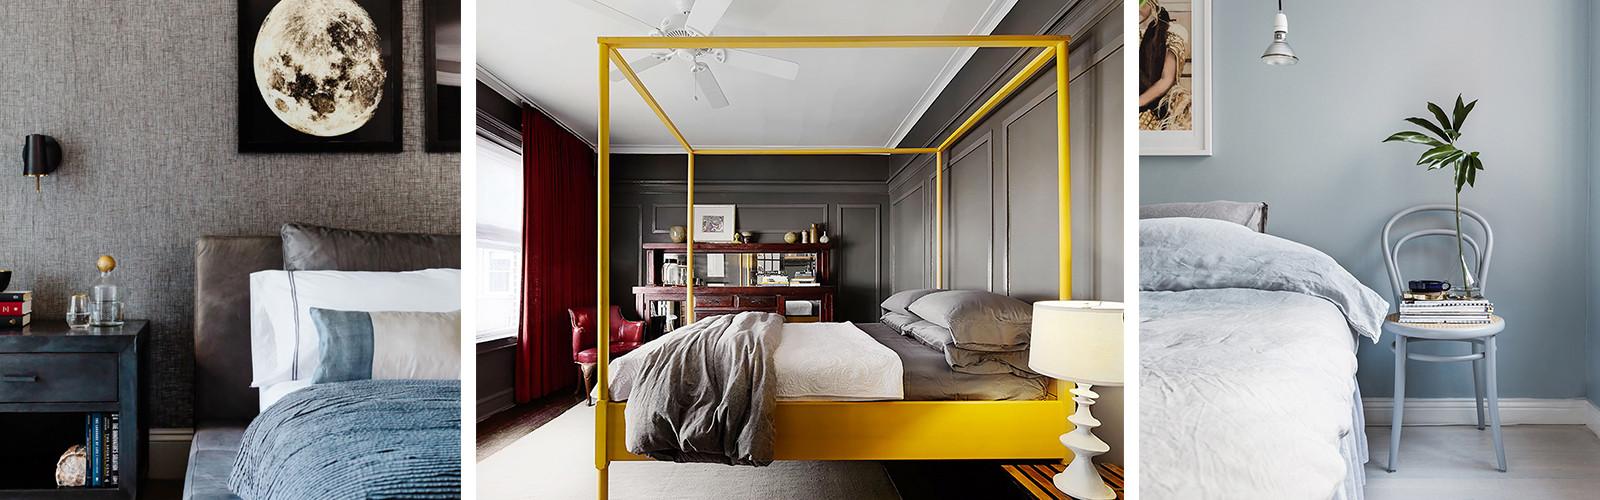 https://cdn.cliqueinc.com/posts/215610/bedroom-design-tips-215610-1486592486-super.jpg